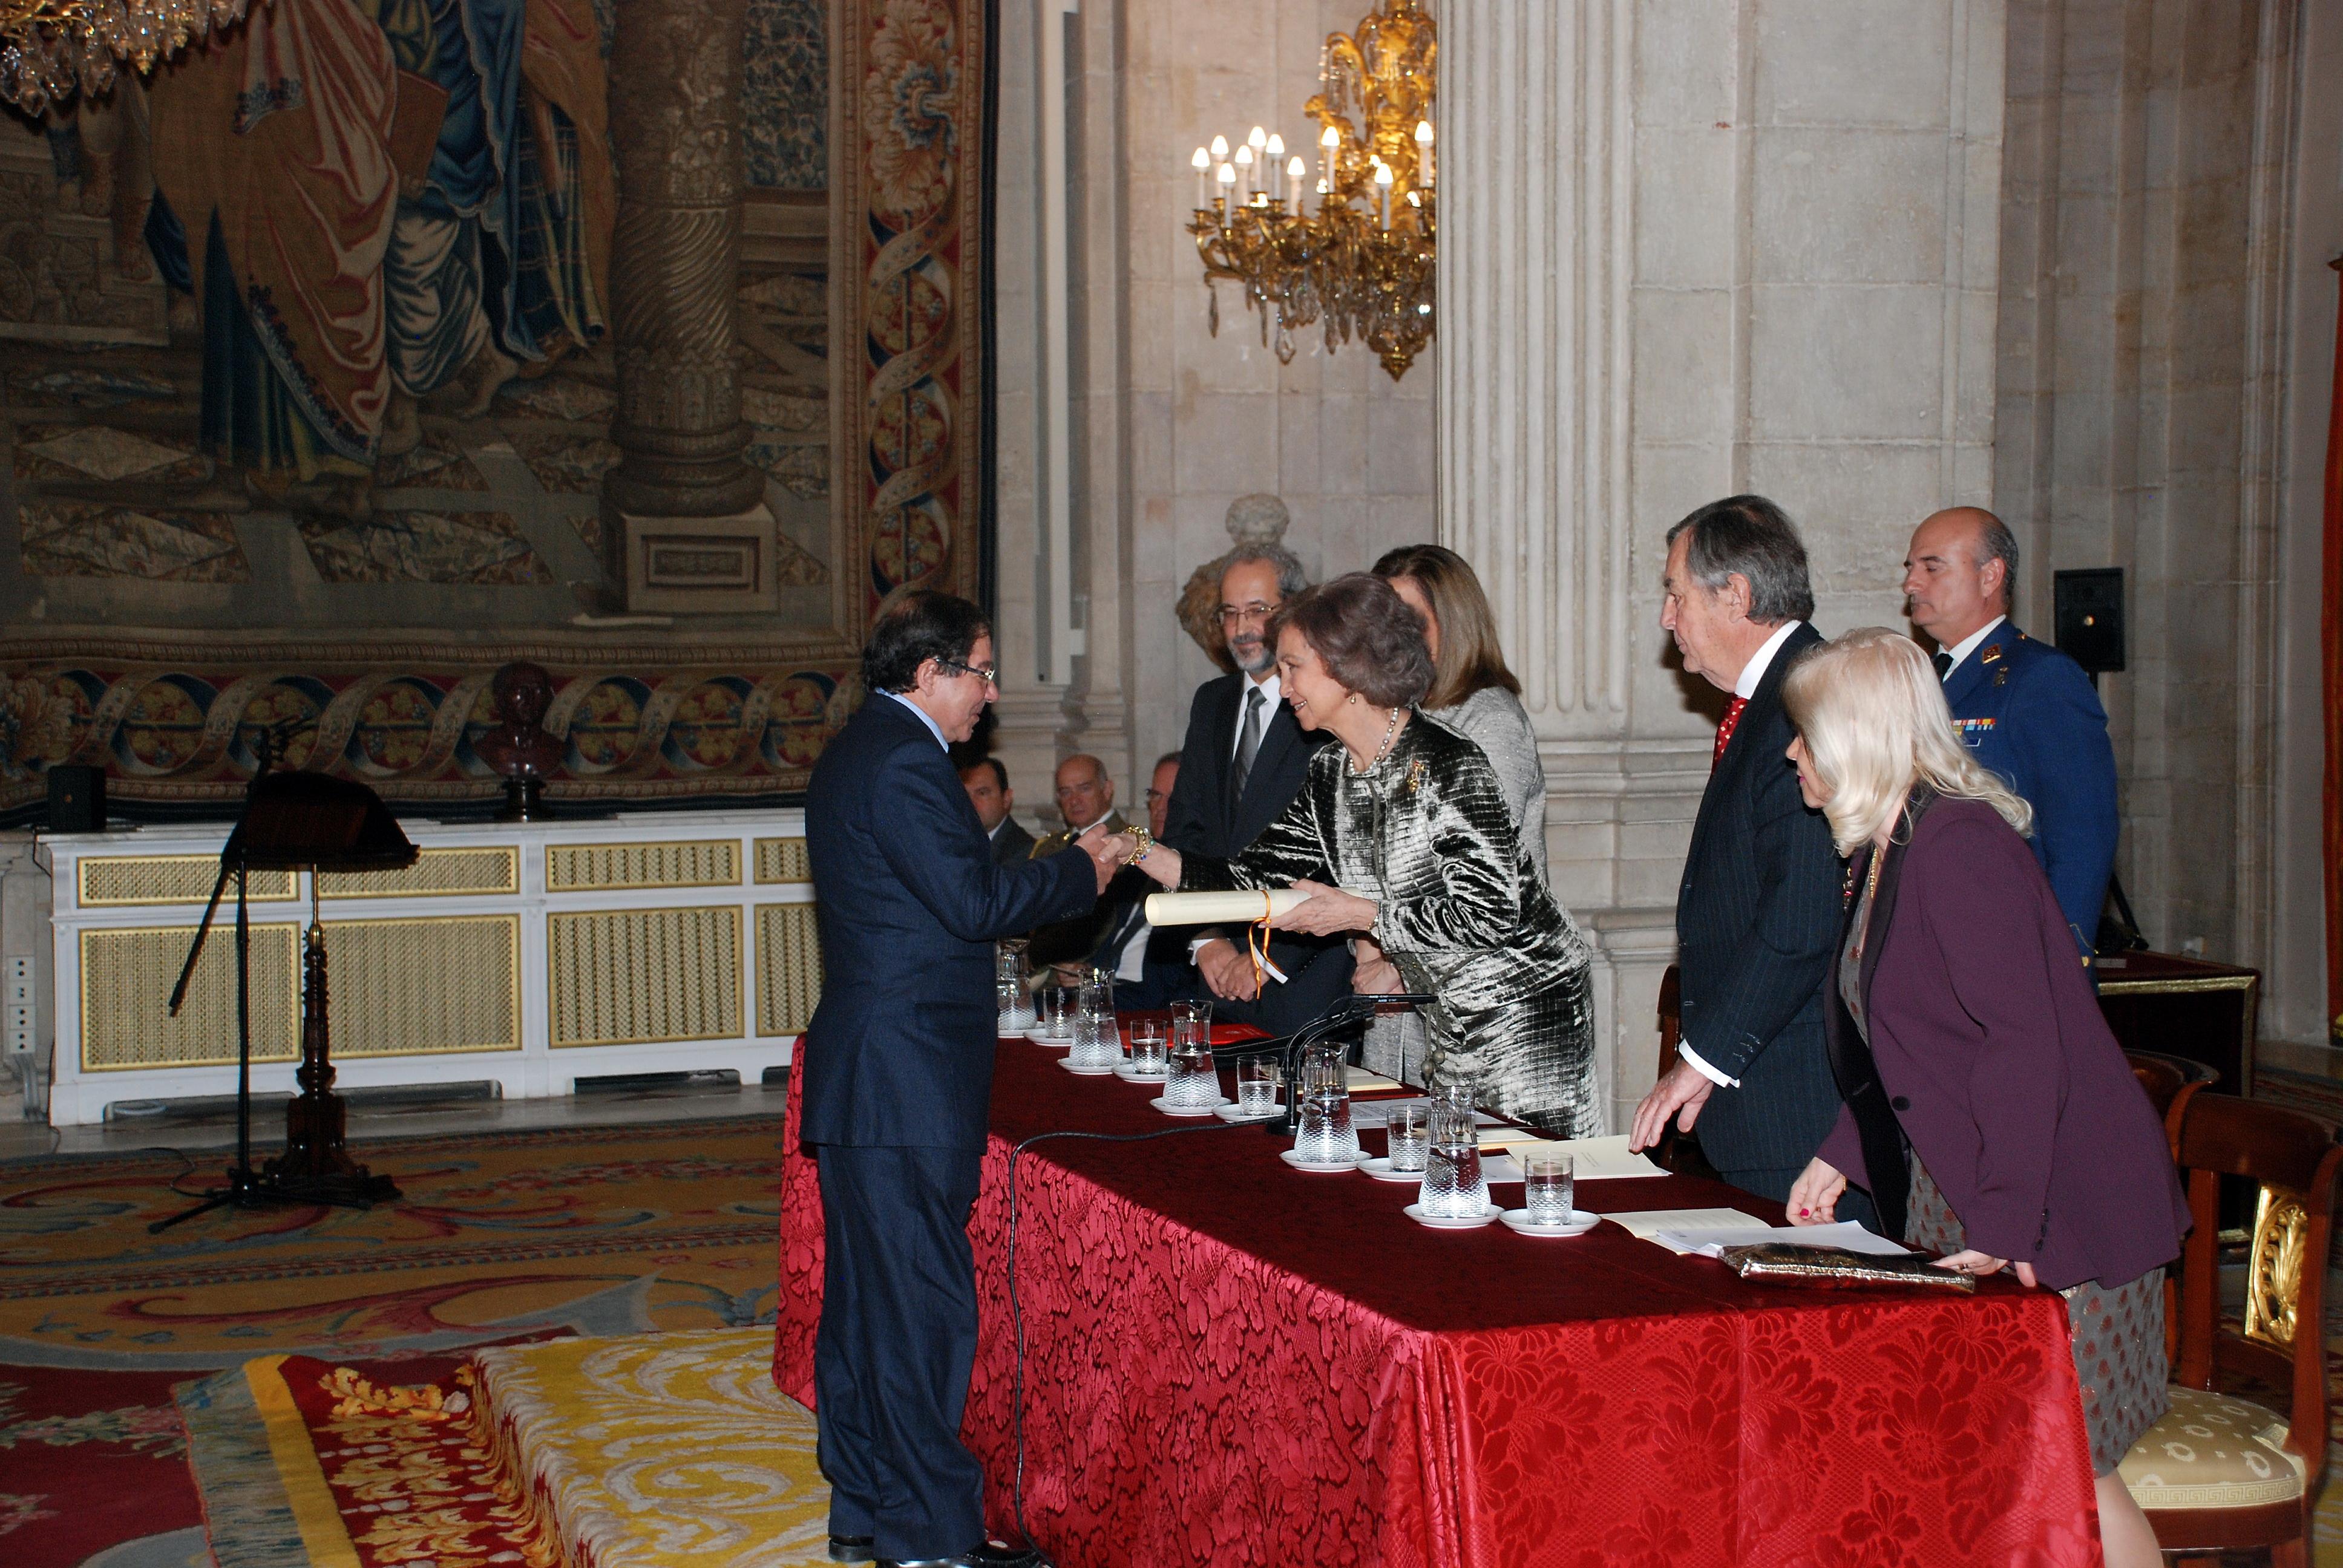 La Reina Doña Sofía entrega el XXII Premio de Poesía Iberoamericana al escritor portugués Nuno Júdice